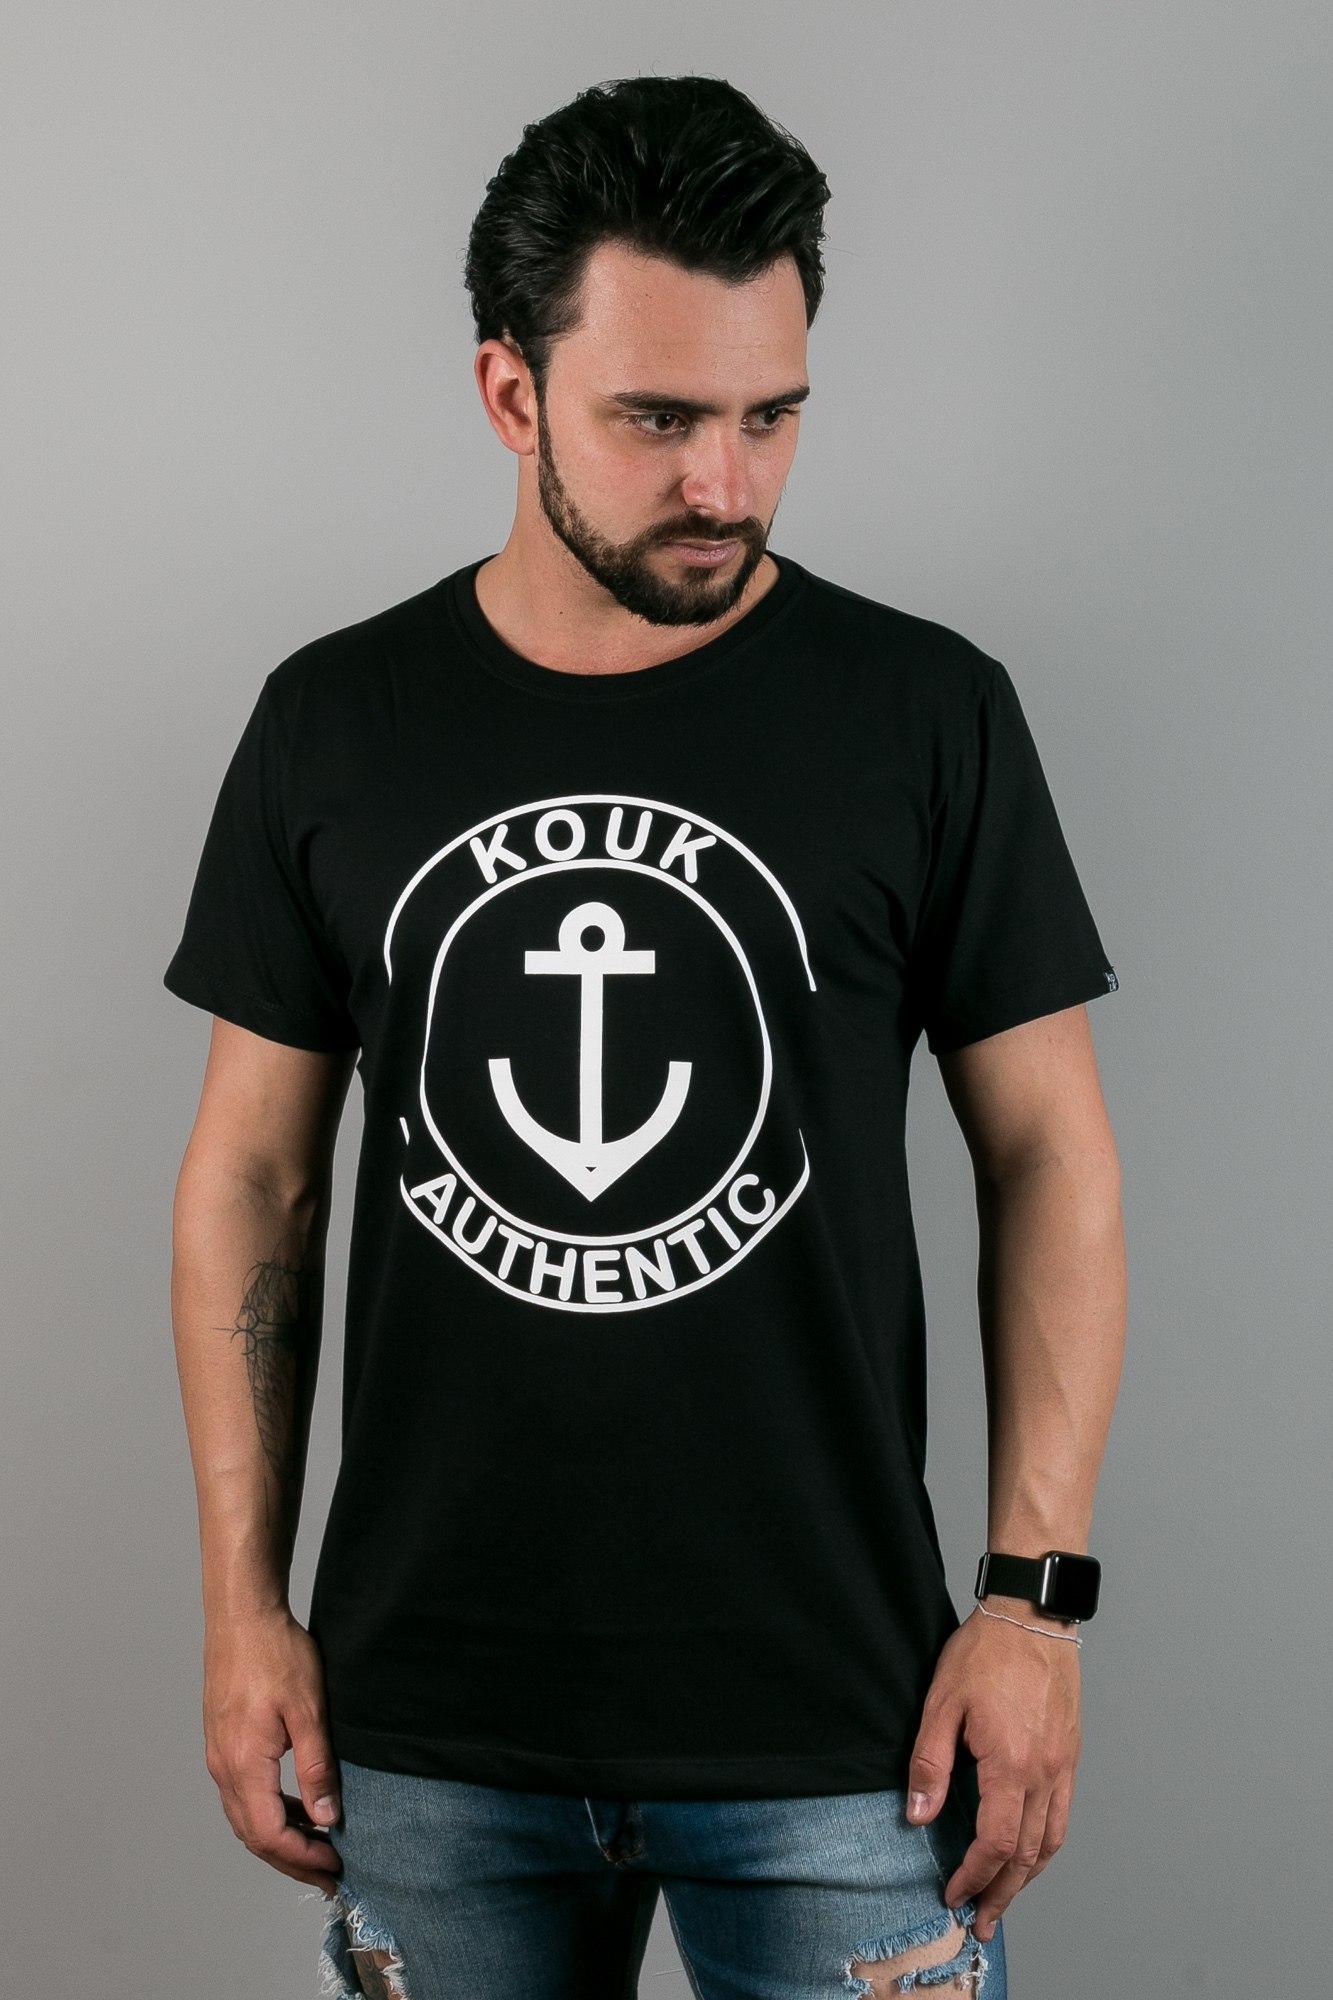 Camiseta Kouk Round